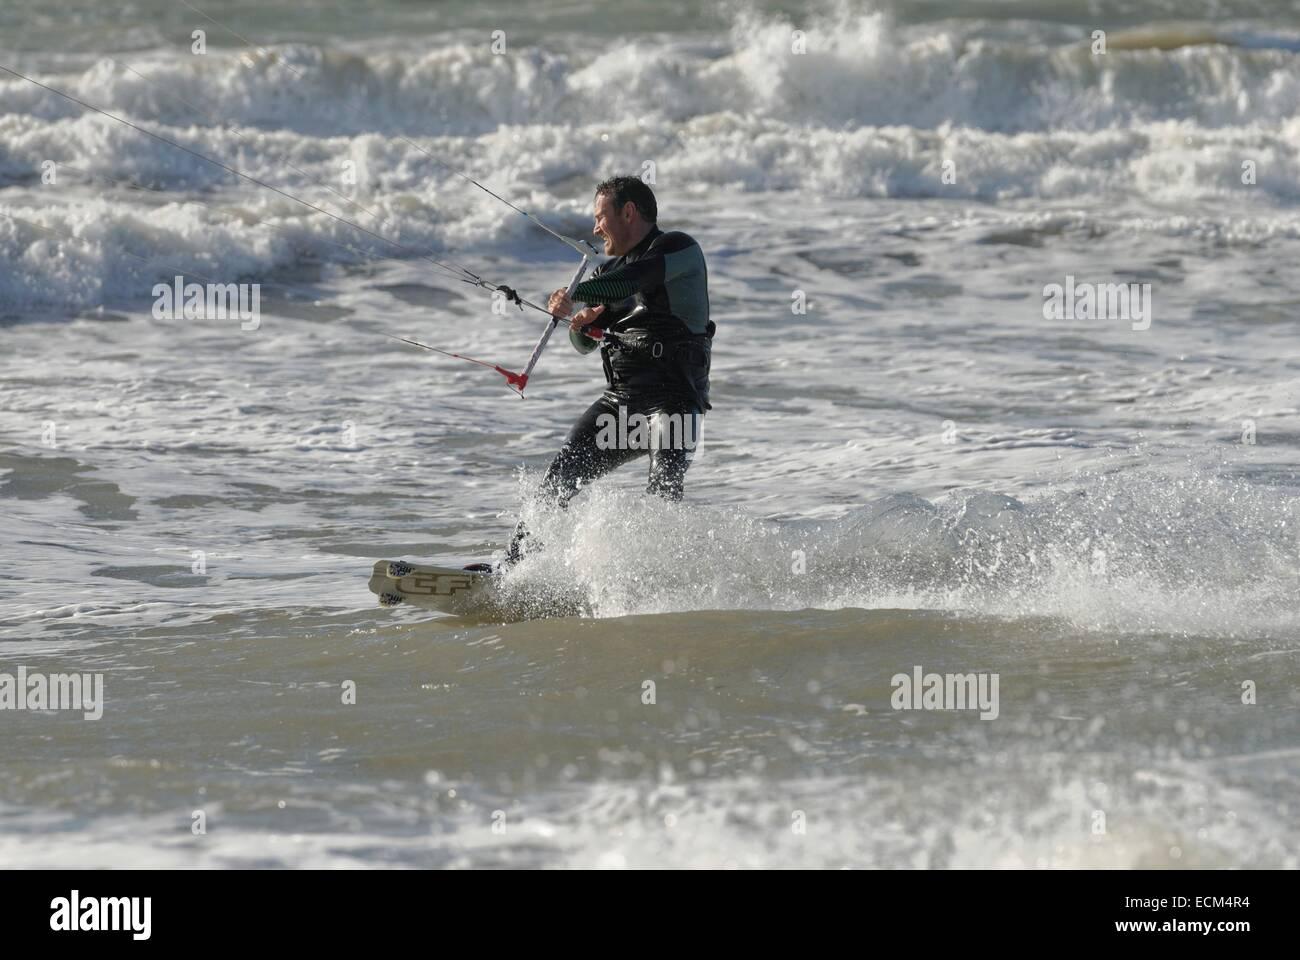 Kitesurf en fuertes vientos un gran mar en Porth Neigwl, Gales del Norte, Islas Británicas Foto de stock